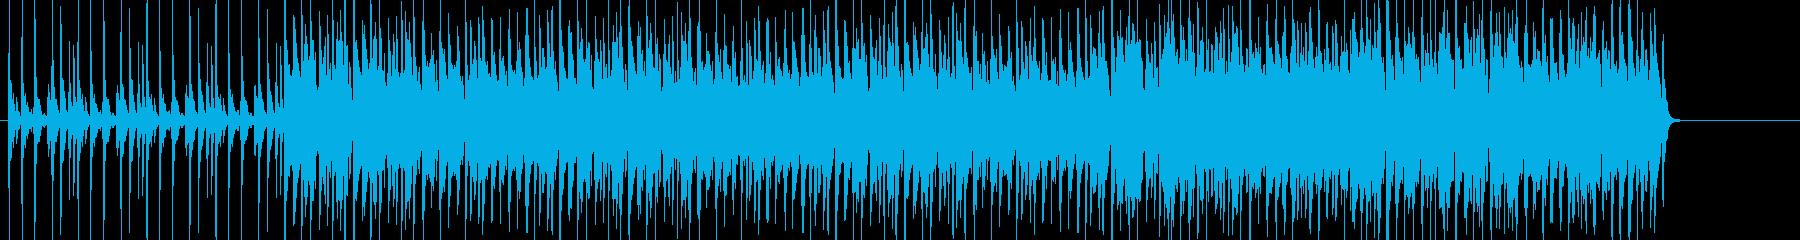 【カントリー】コミカルなカントリーの再生済みの波形